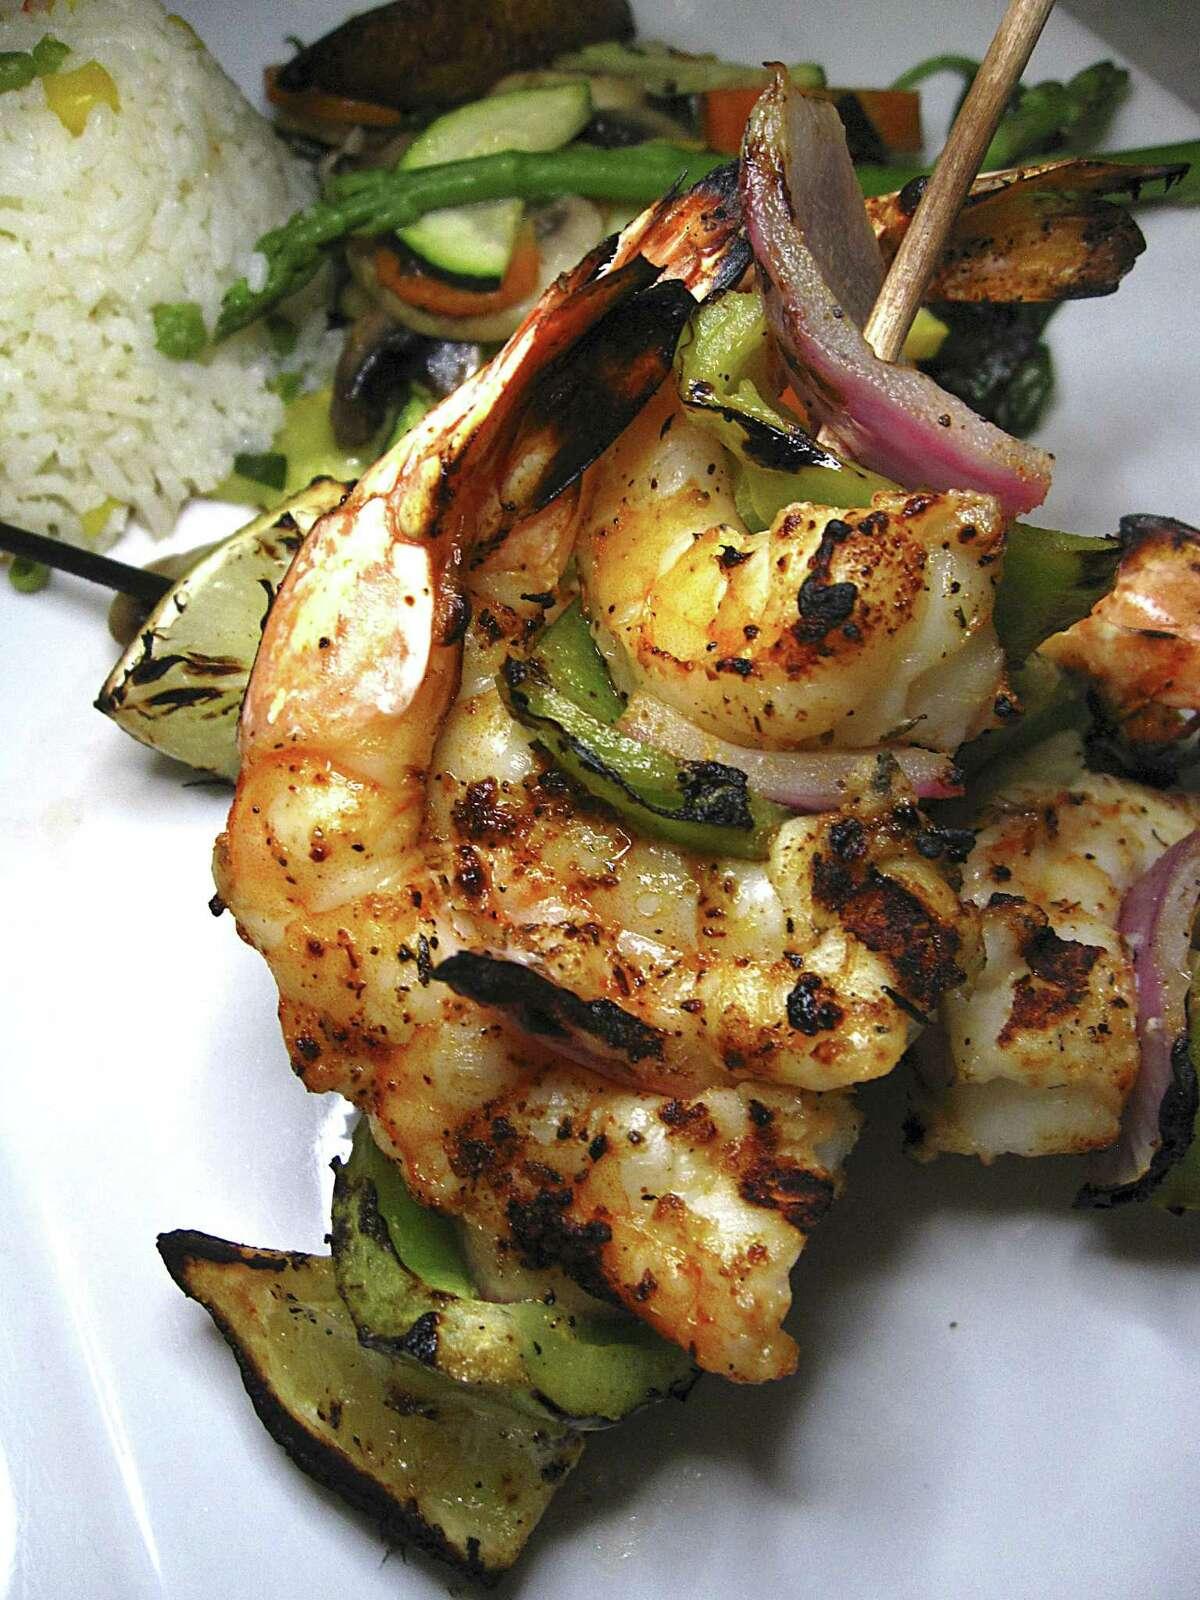 Grilled shrimp are served on skewers with vegetables for camarones a la parrilla at SoLuna.